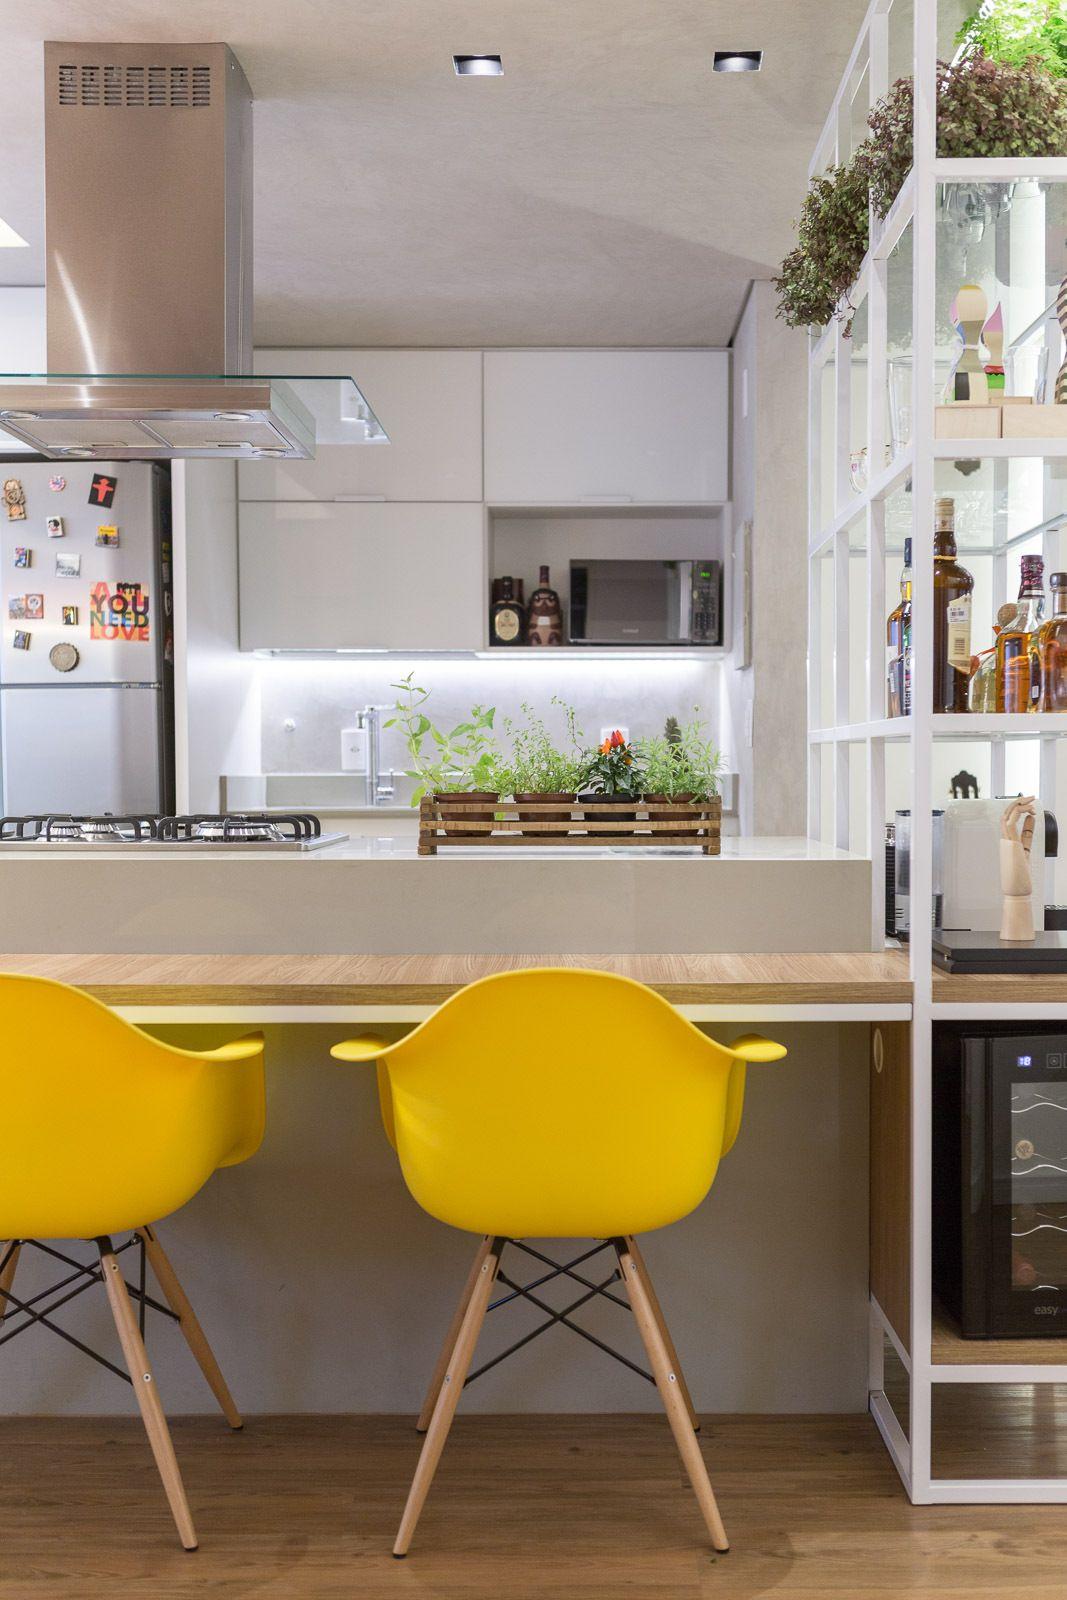 Esstisch ideen einrichten fluid apartment remodel mischt natürlich alle seine räume